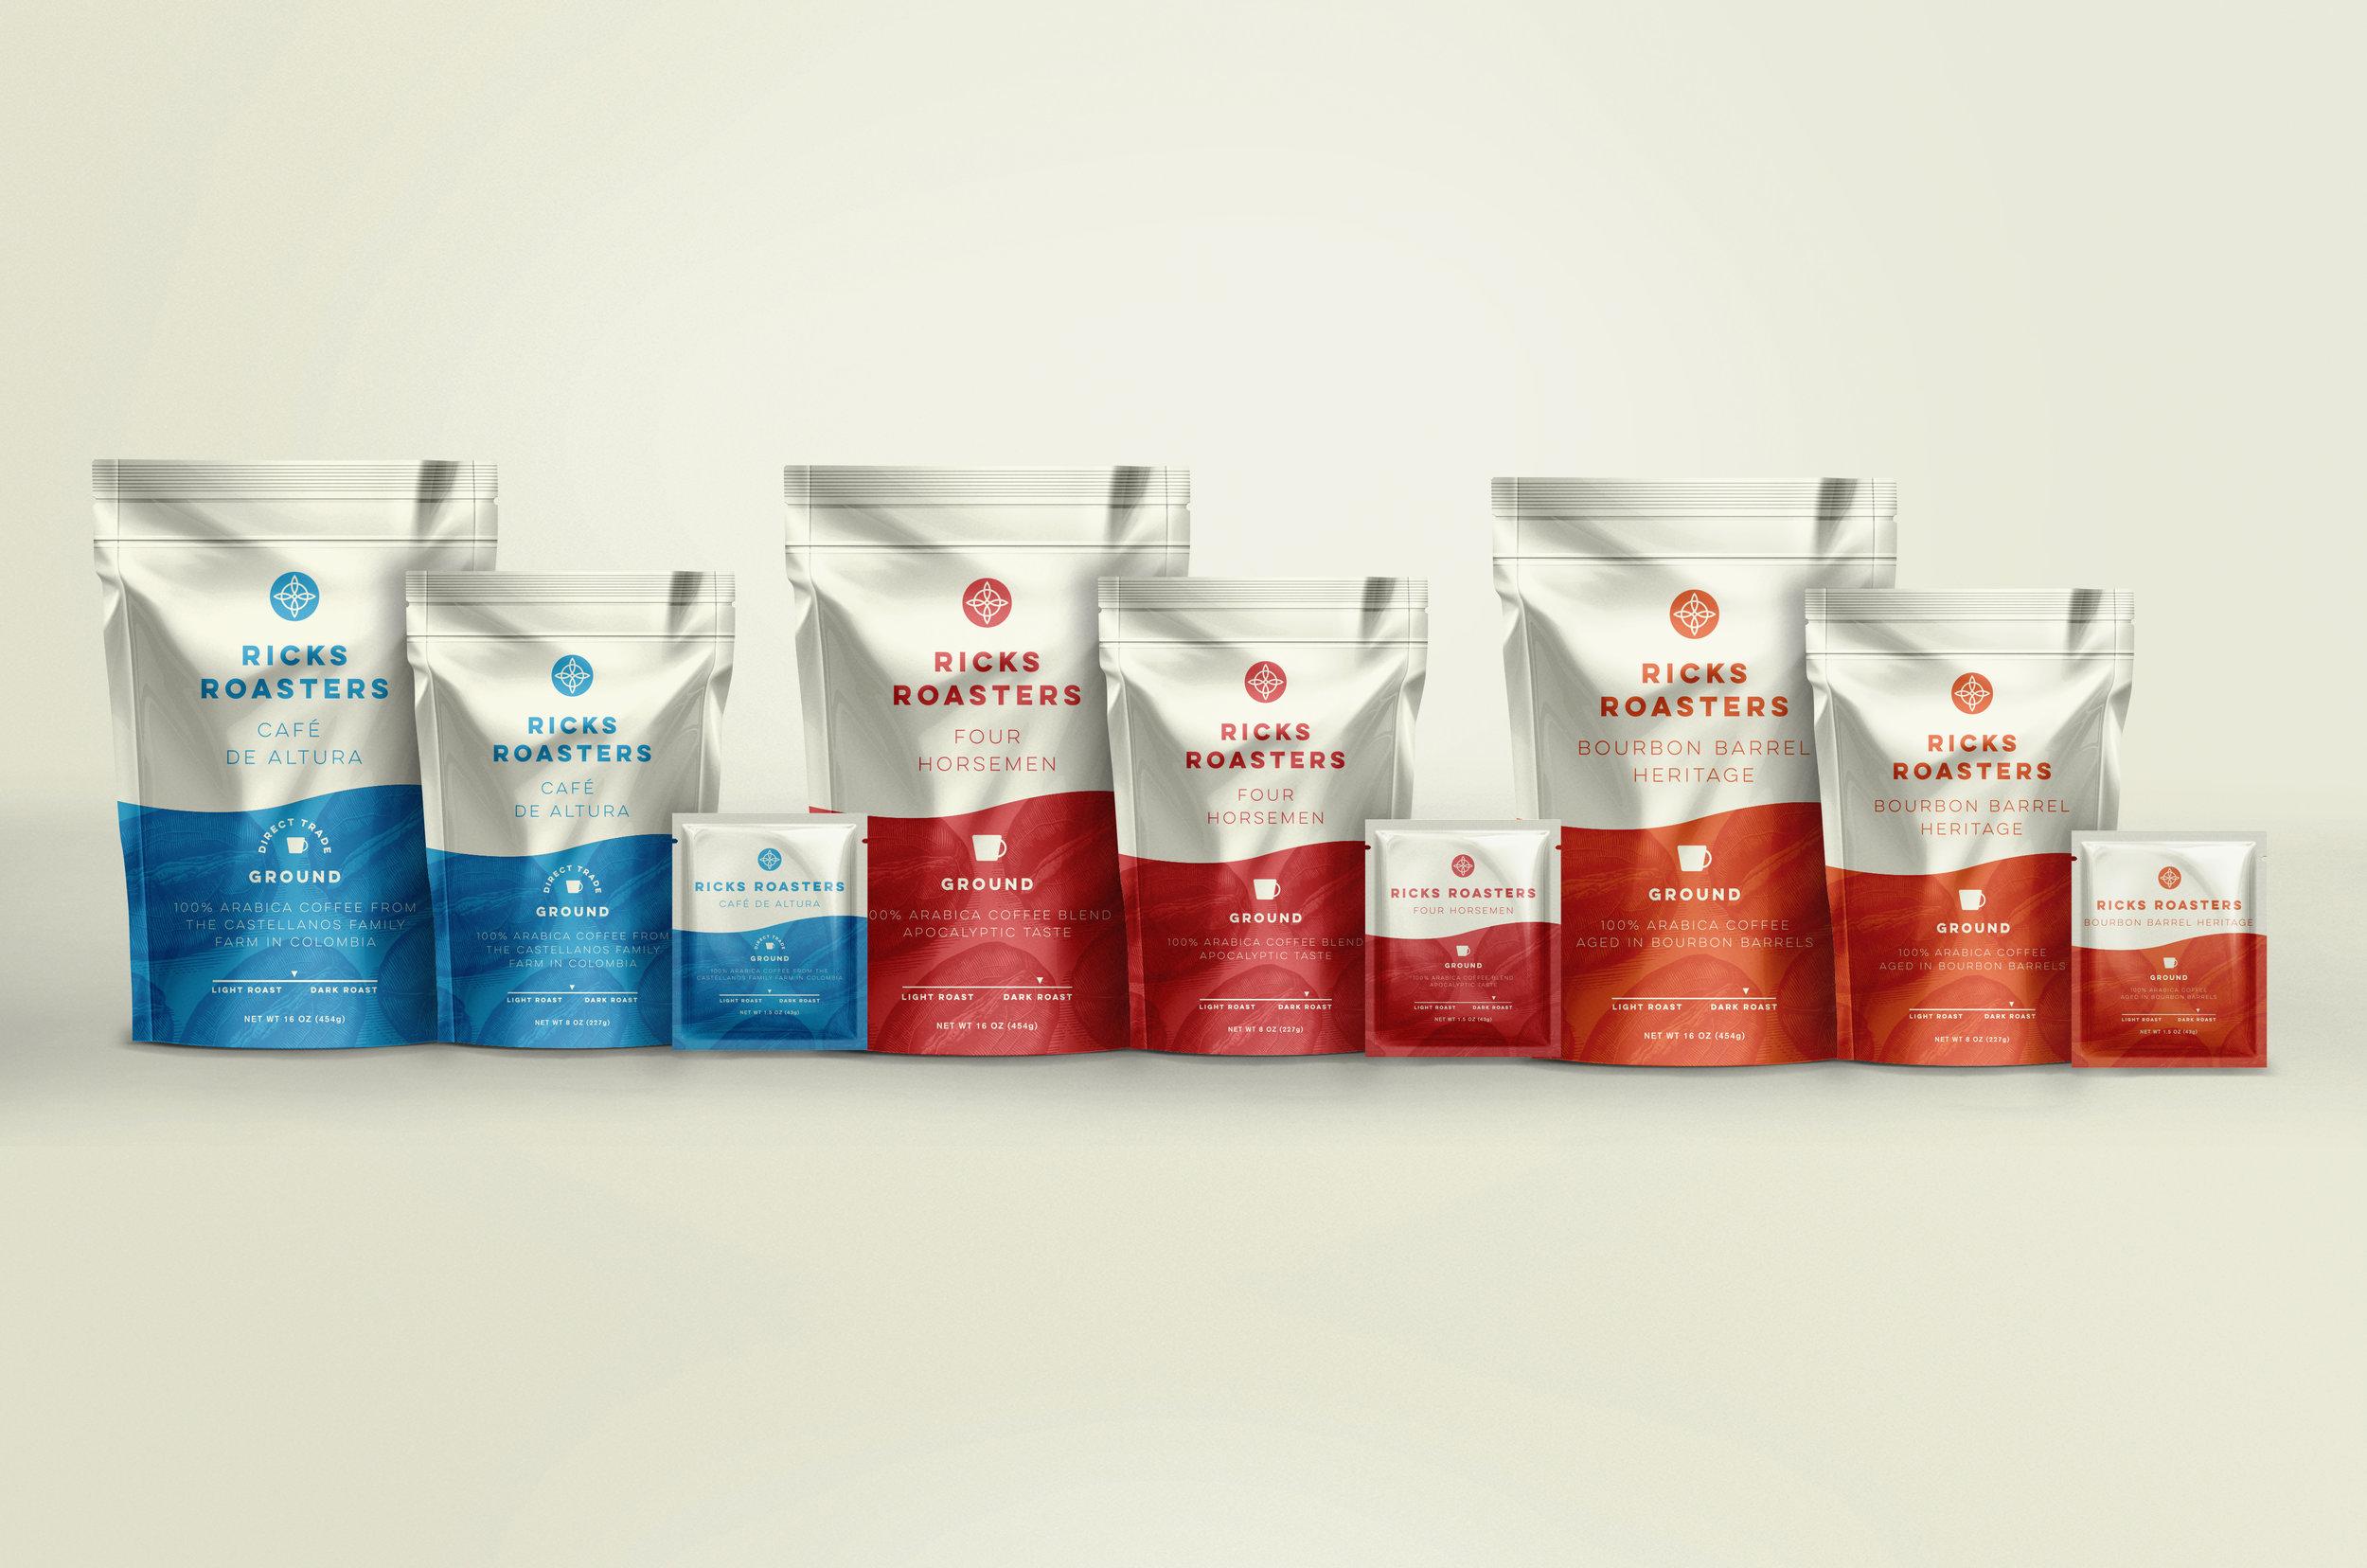 Ricks Roasters Ground Coffee Brands Mock.jpg